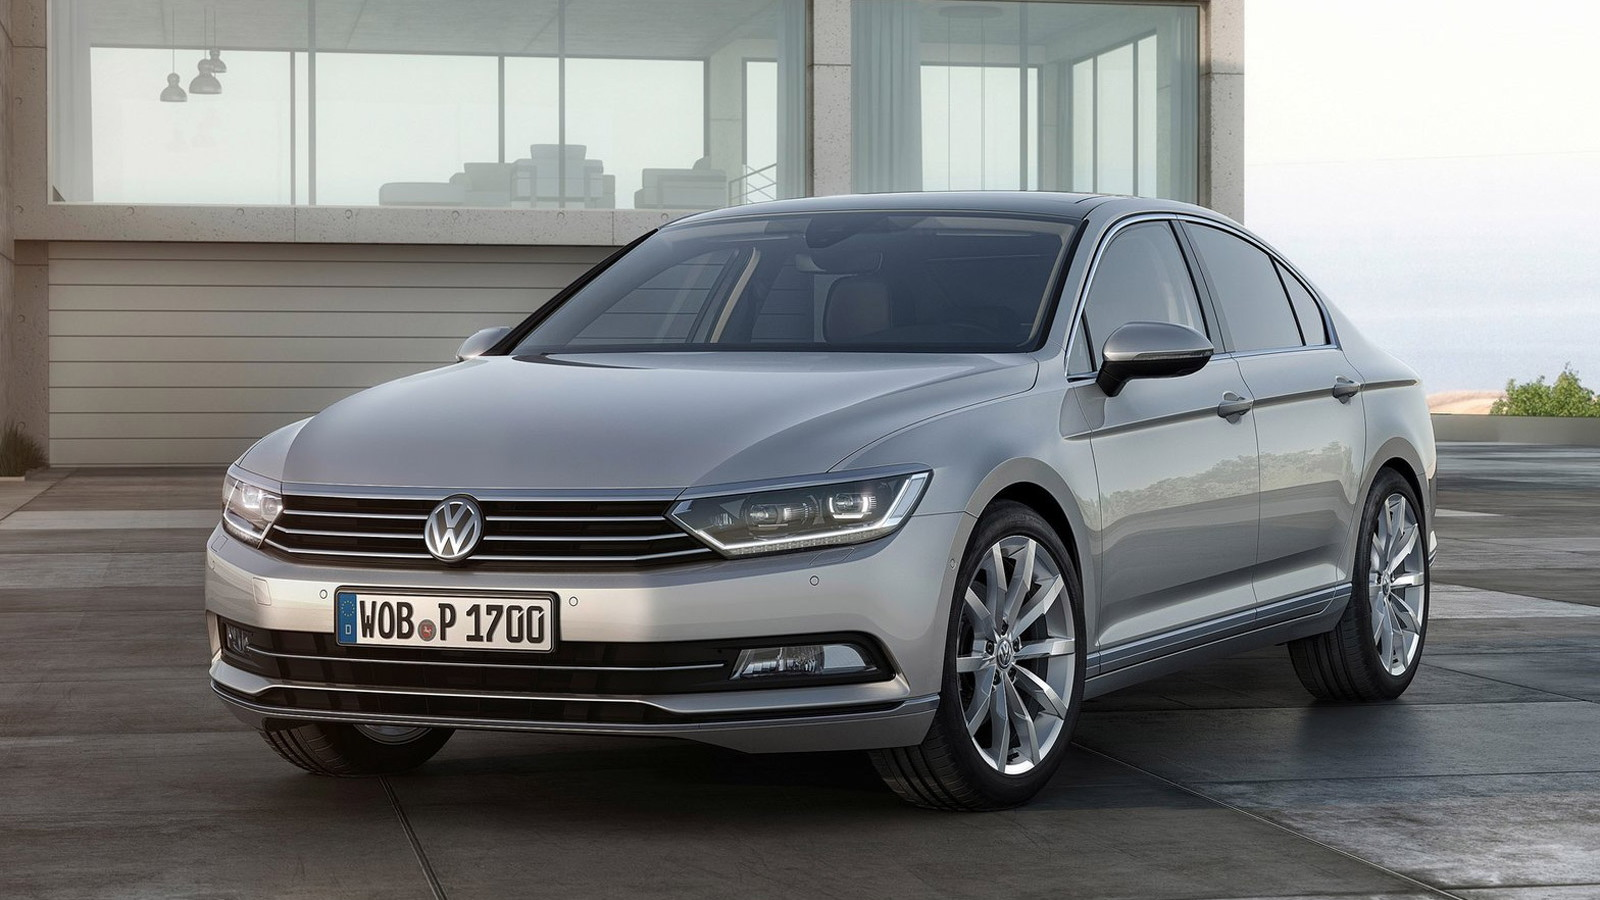 2015 Volkswagen Passat (European-spec)